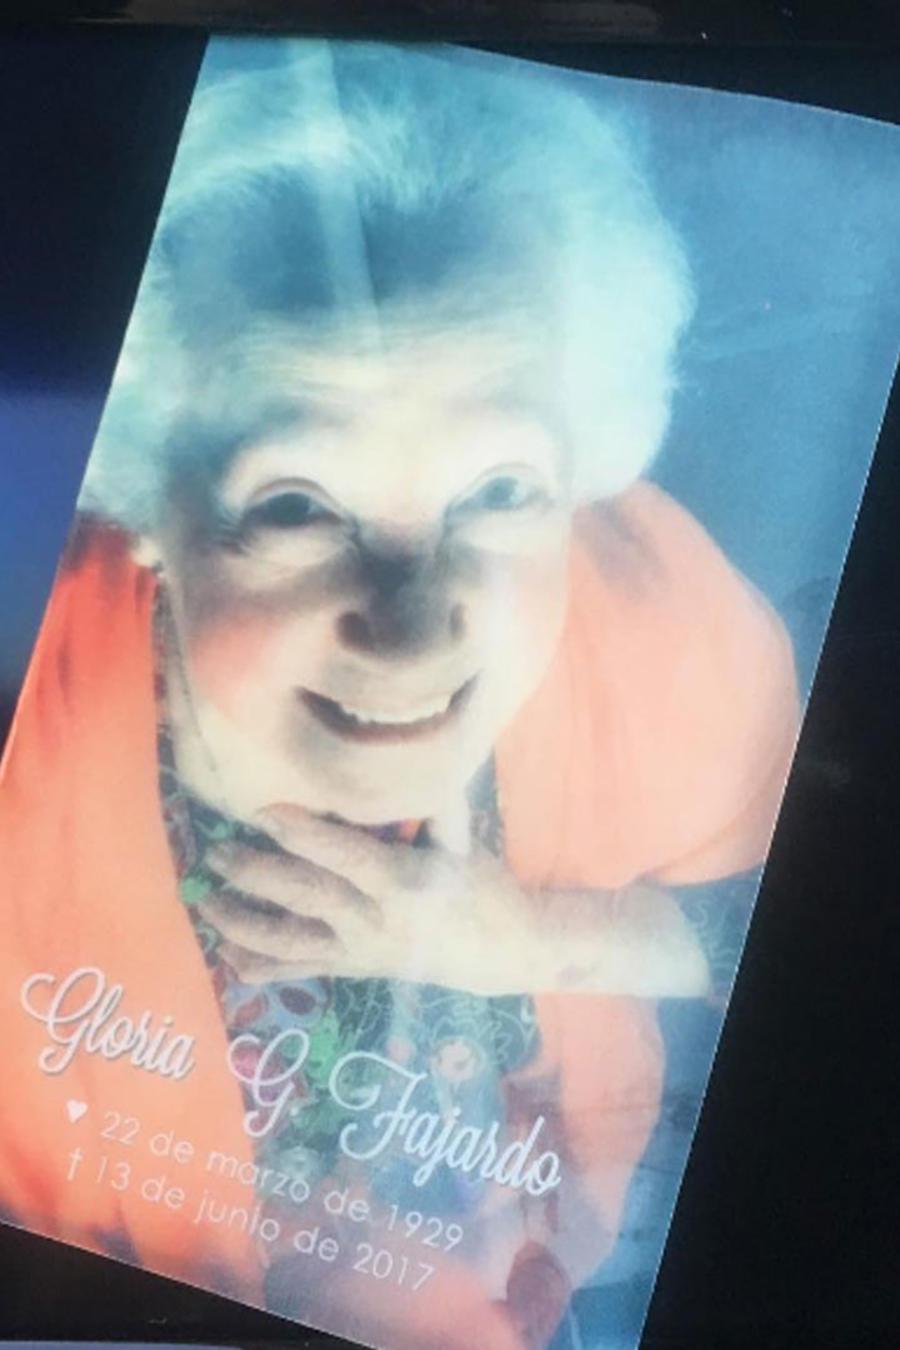 Gloria Estefan escribió el último mensaje de adiós a su mamá